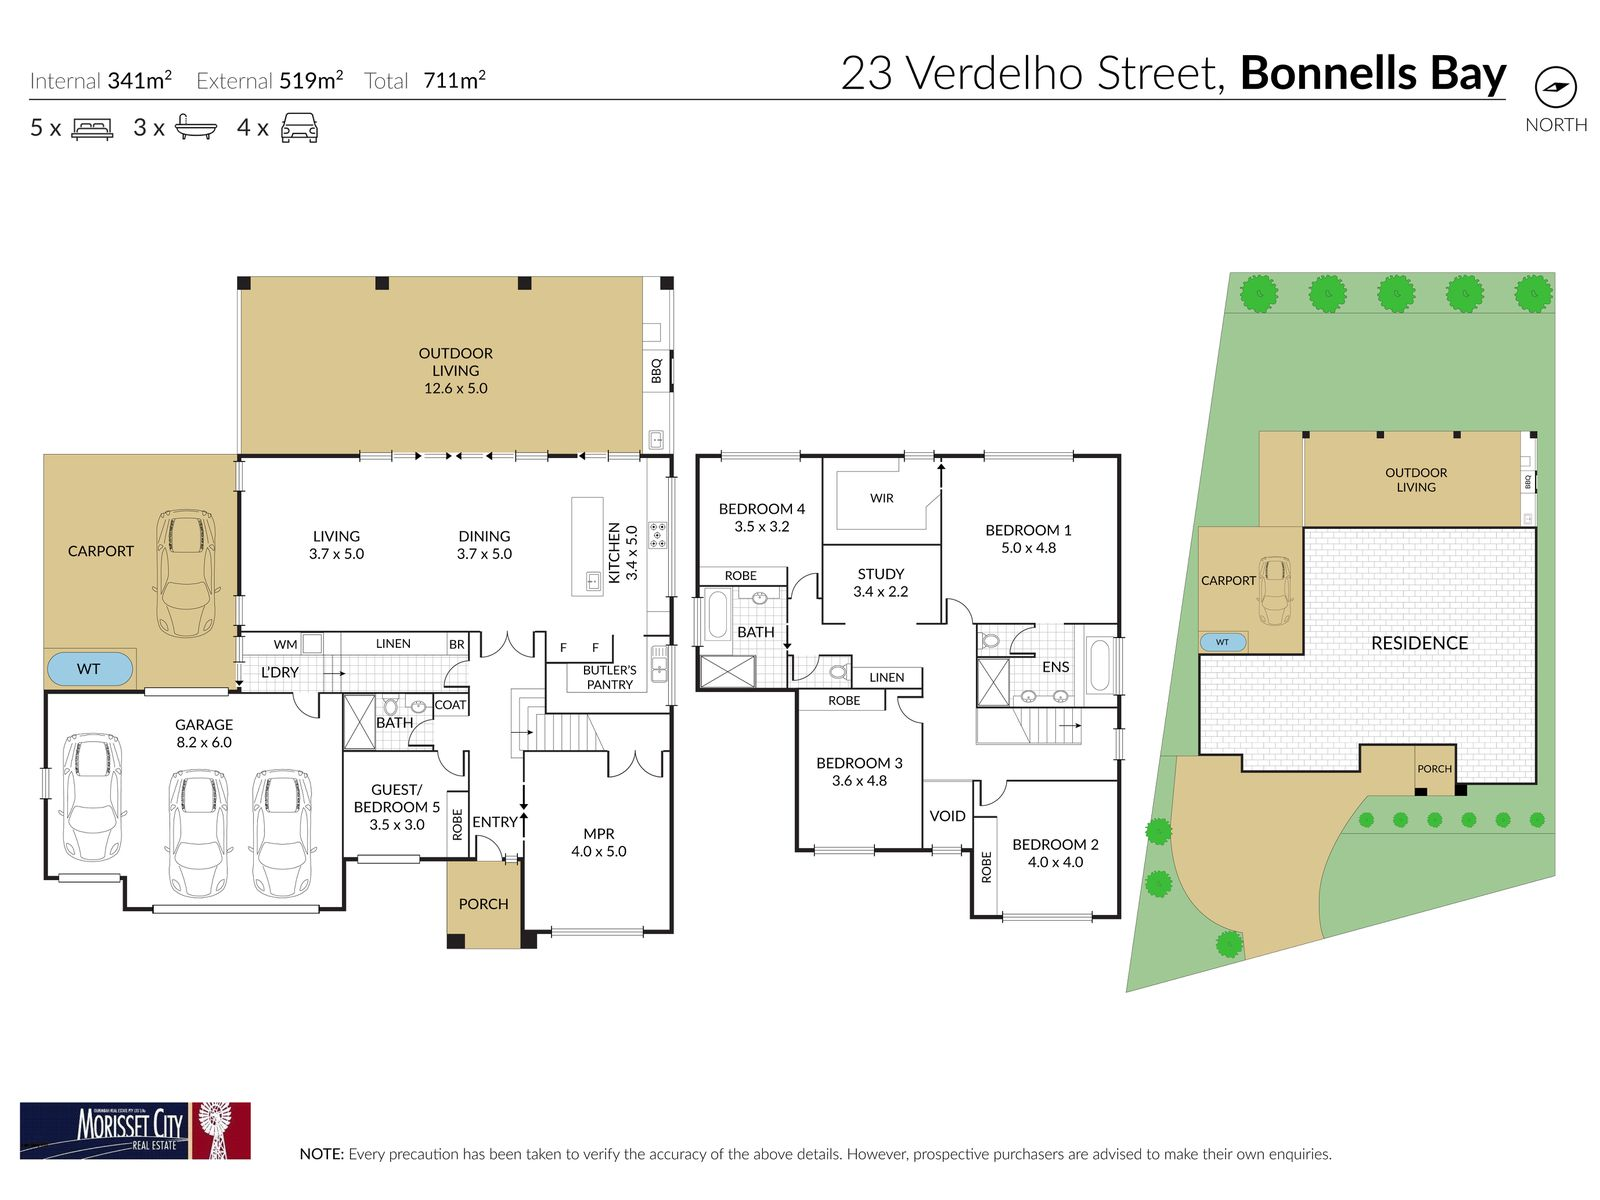 23 Verdelho Street, Bonnells Bay